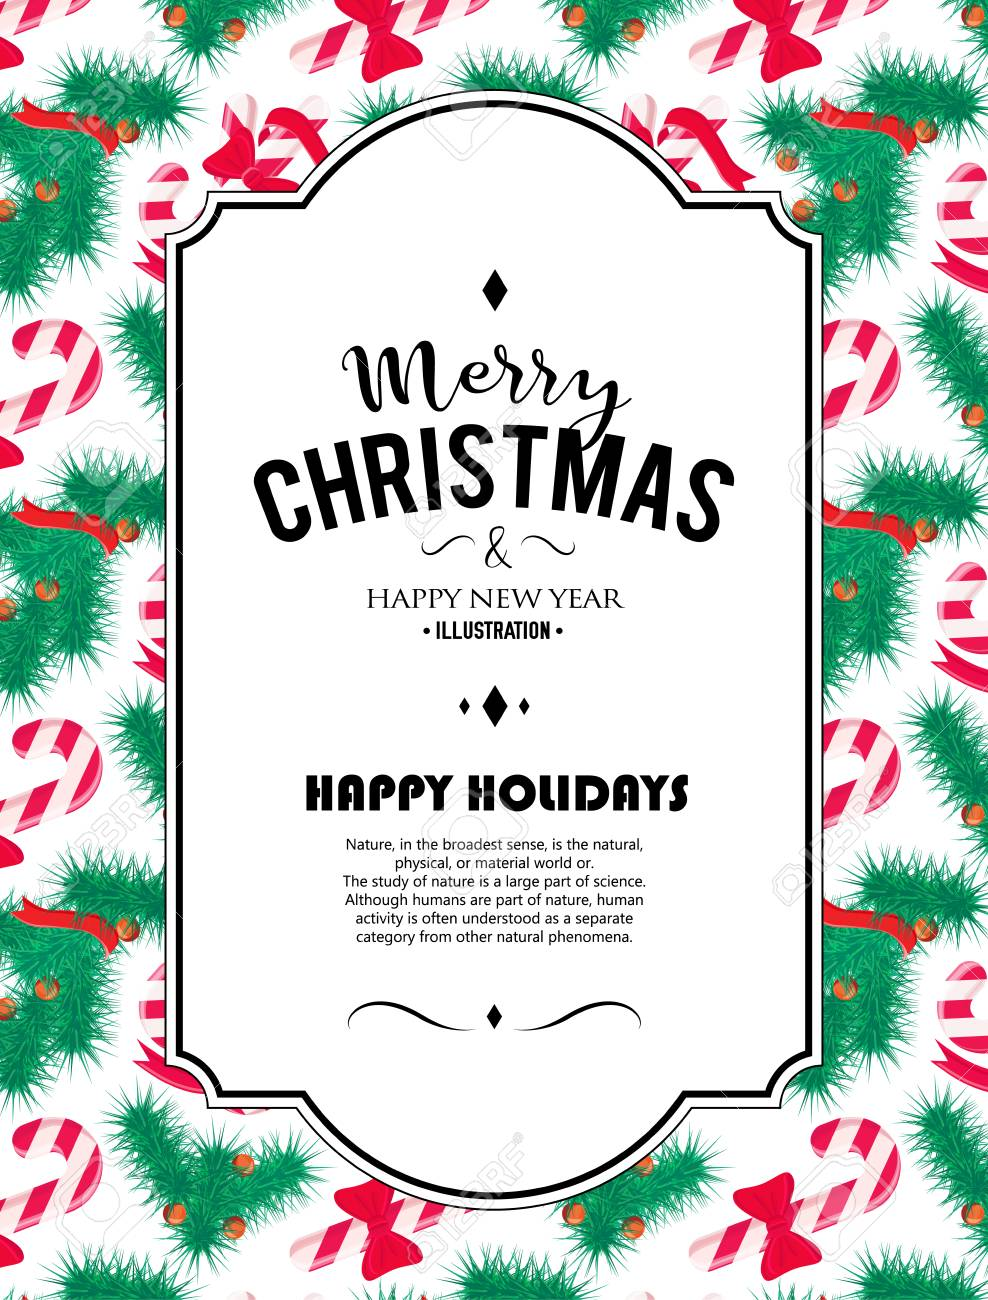 Feliz Navidad De Fondo Arte Del Vector Elemento De Decoración Perfecta Para Las Tarjetas Invitaciones Y Otros Tipos De Diseño De Vacaciones